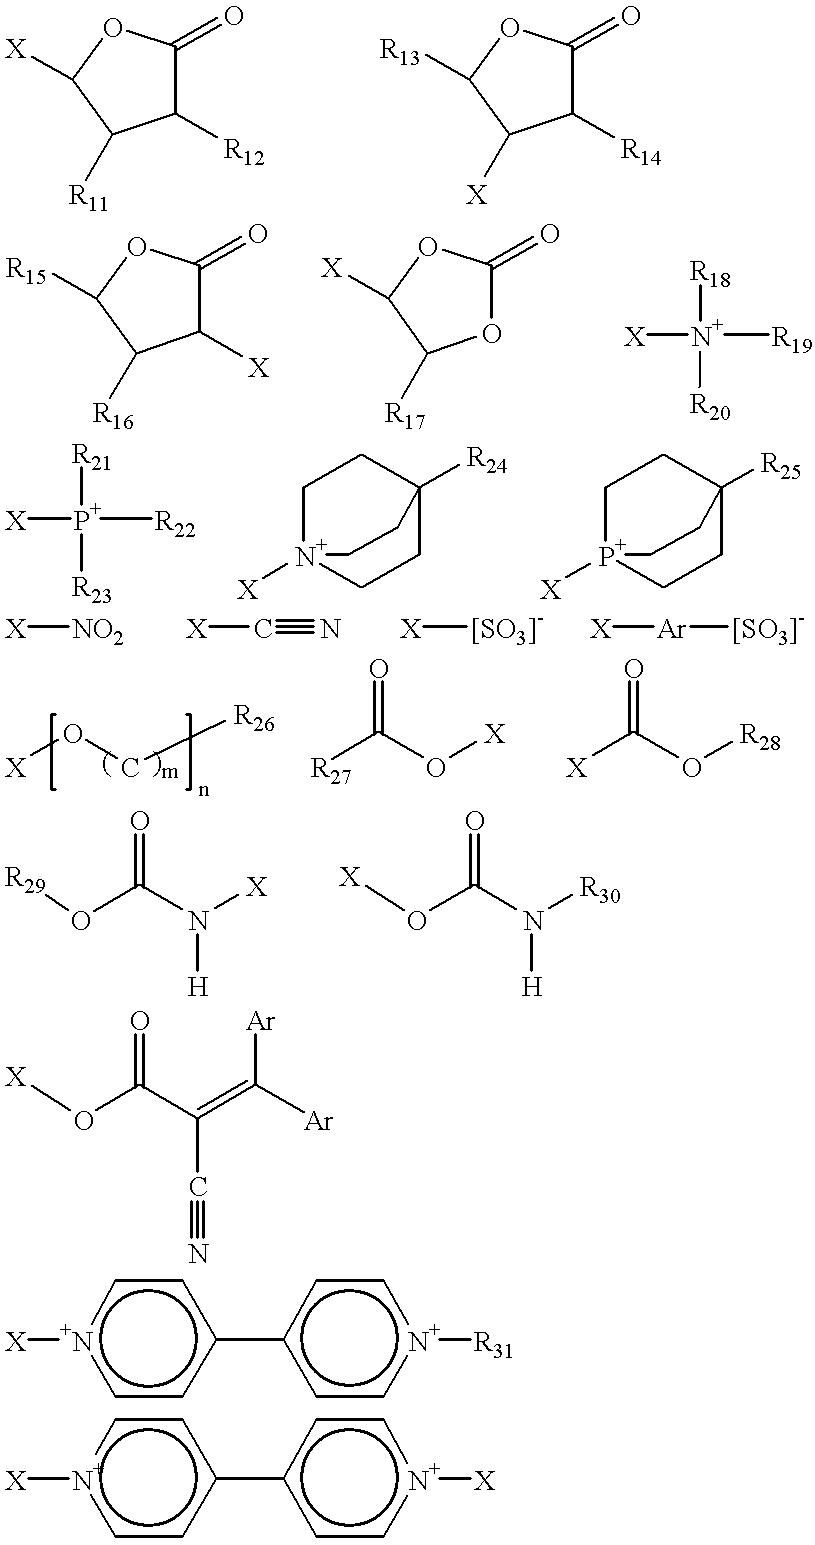 Figure US06262832-20010717-C00002